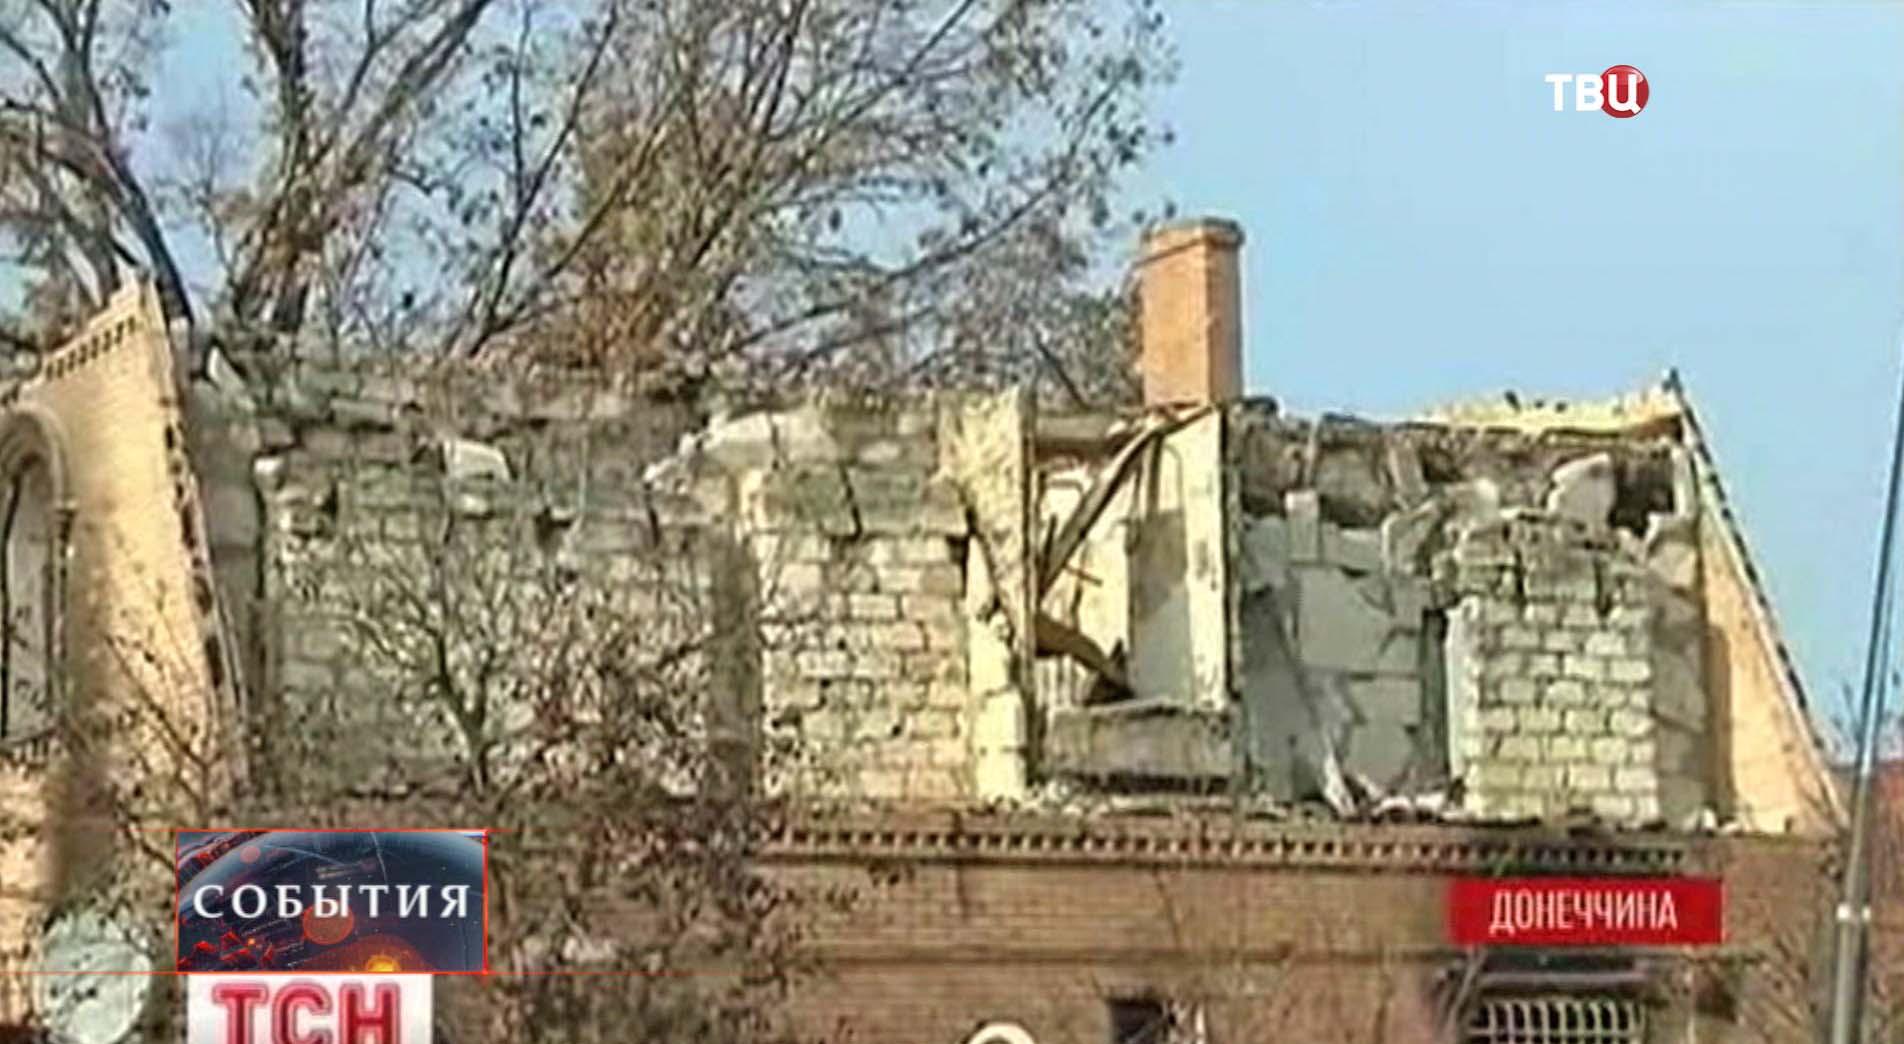 Результат артобстрела Донбассе